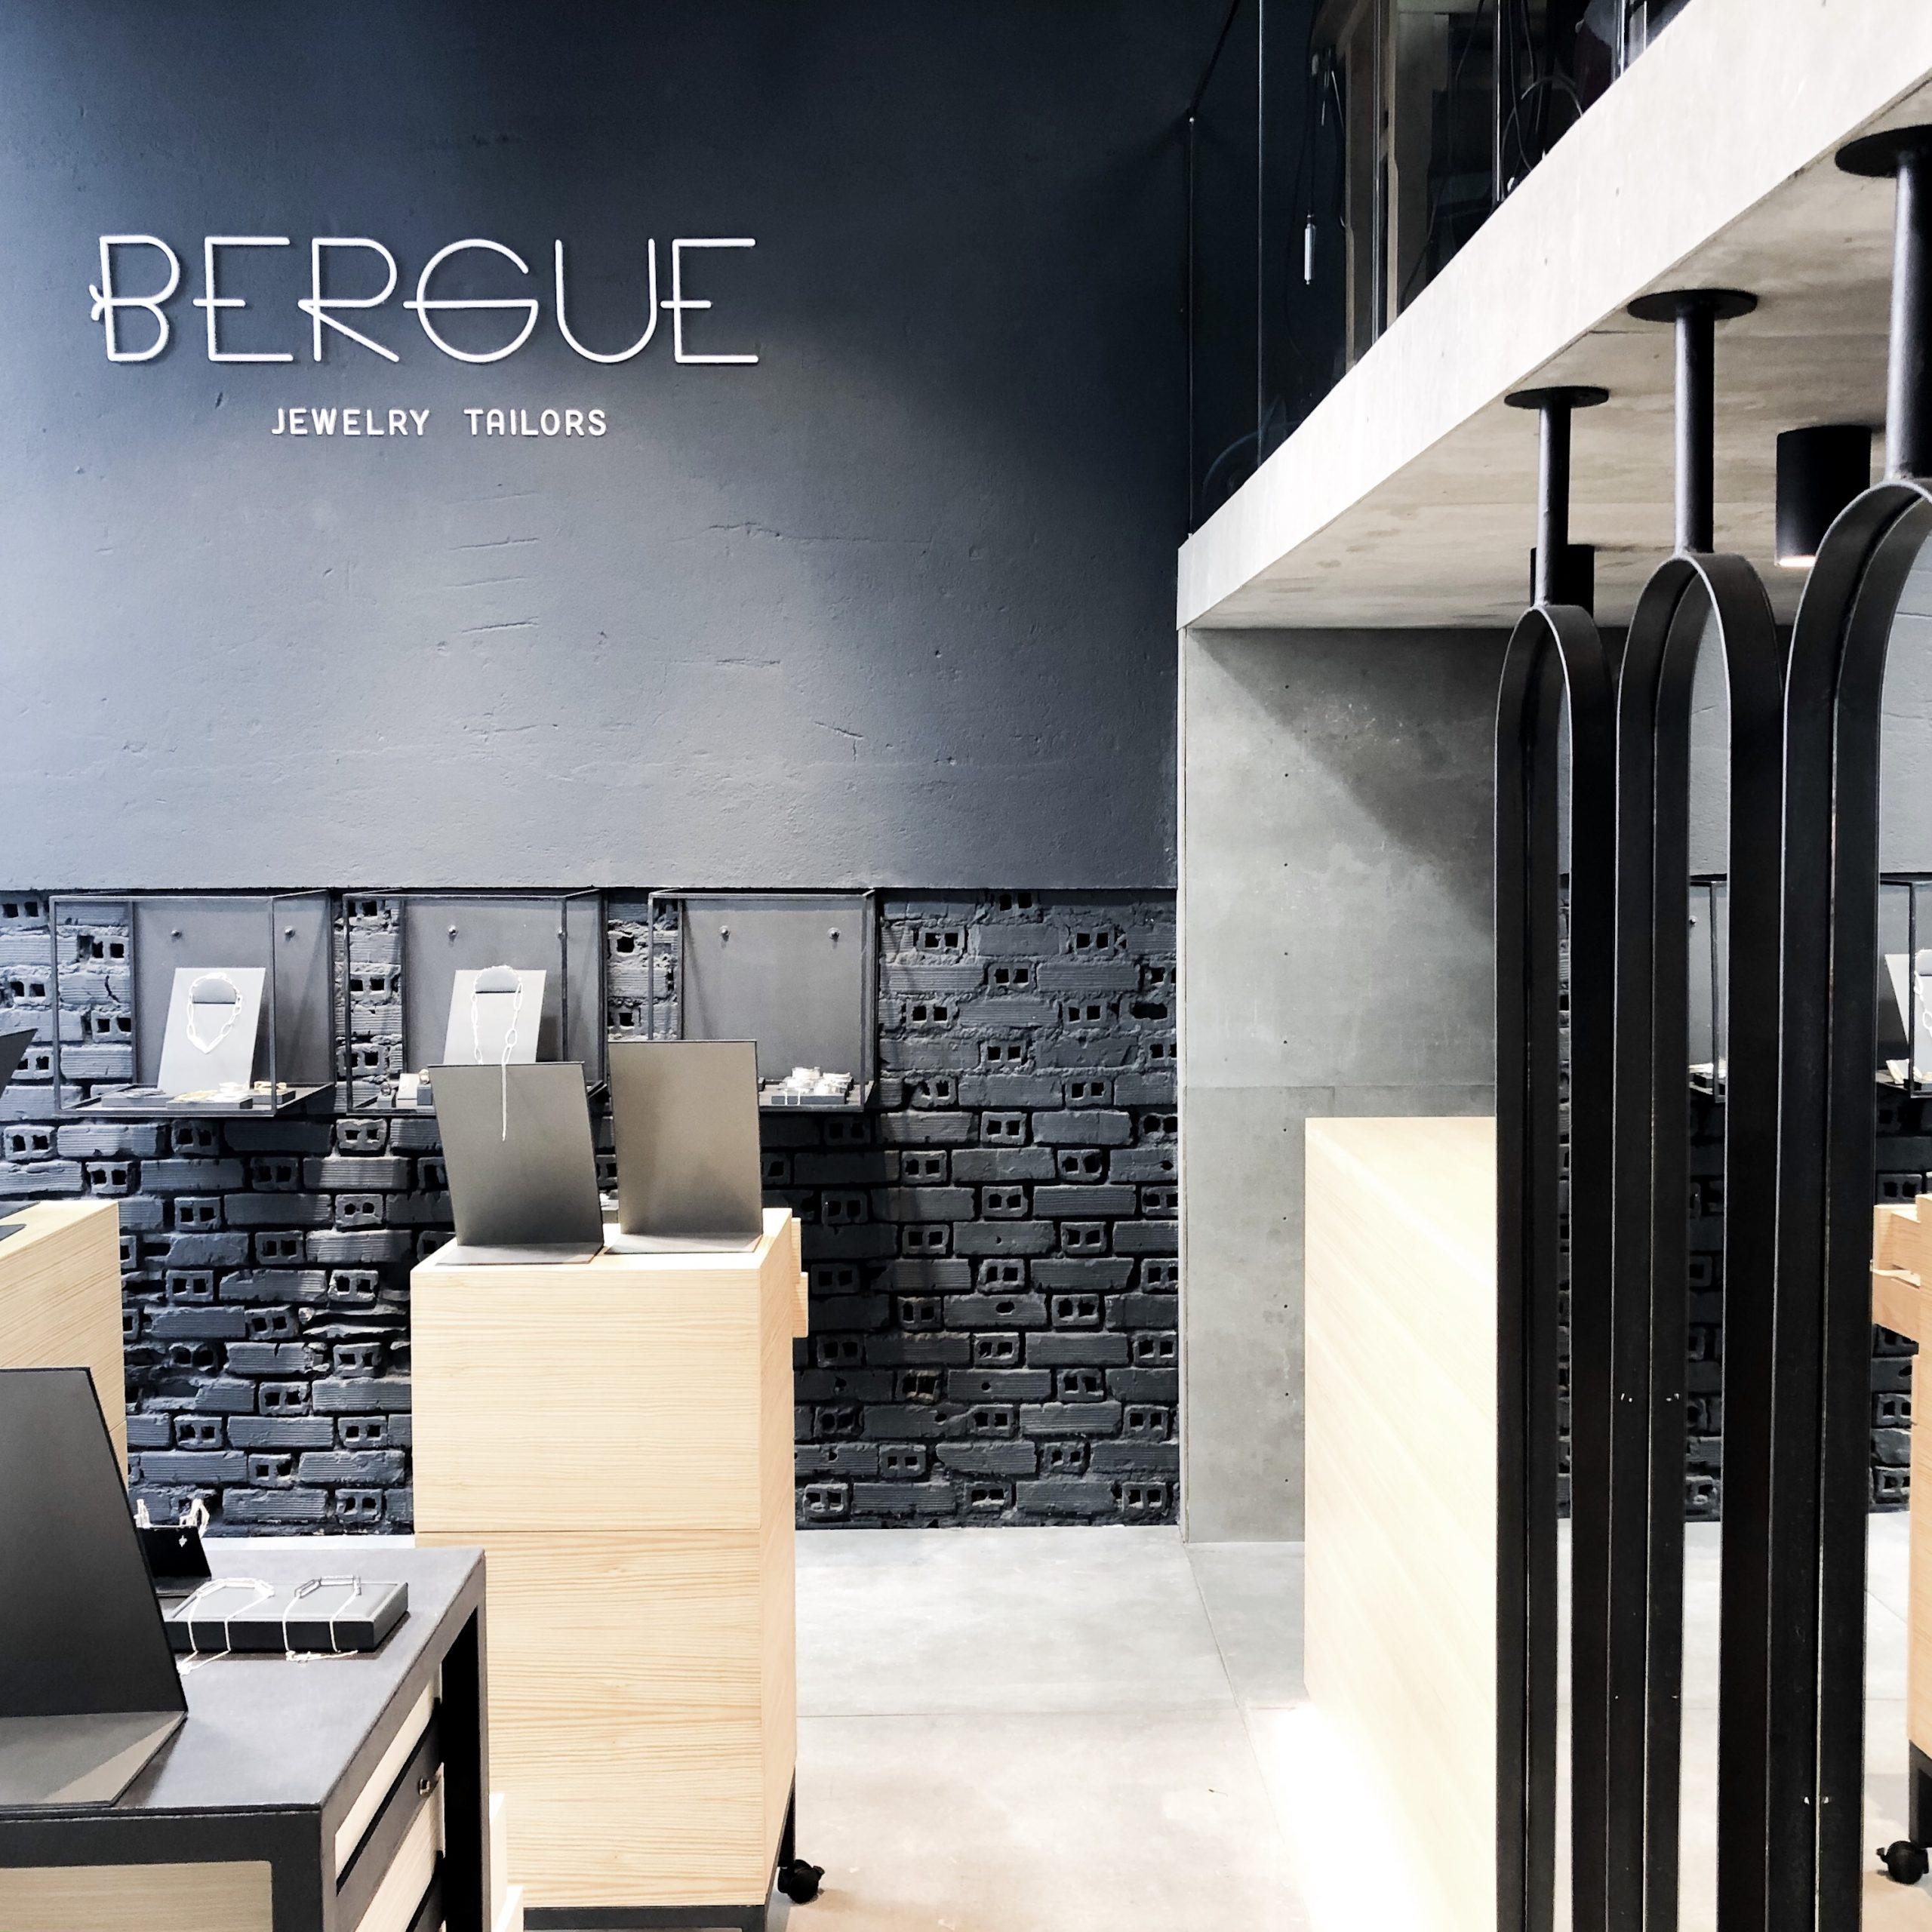 Bergue_01_Img-Homepage